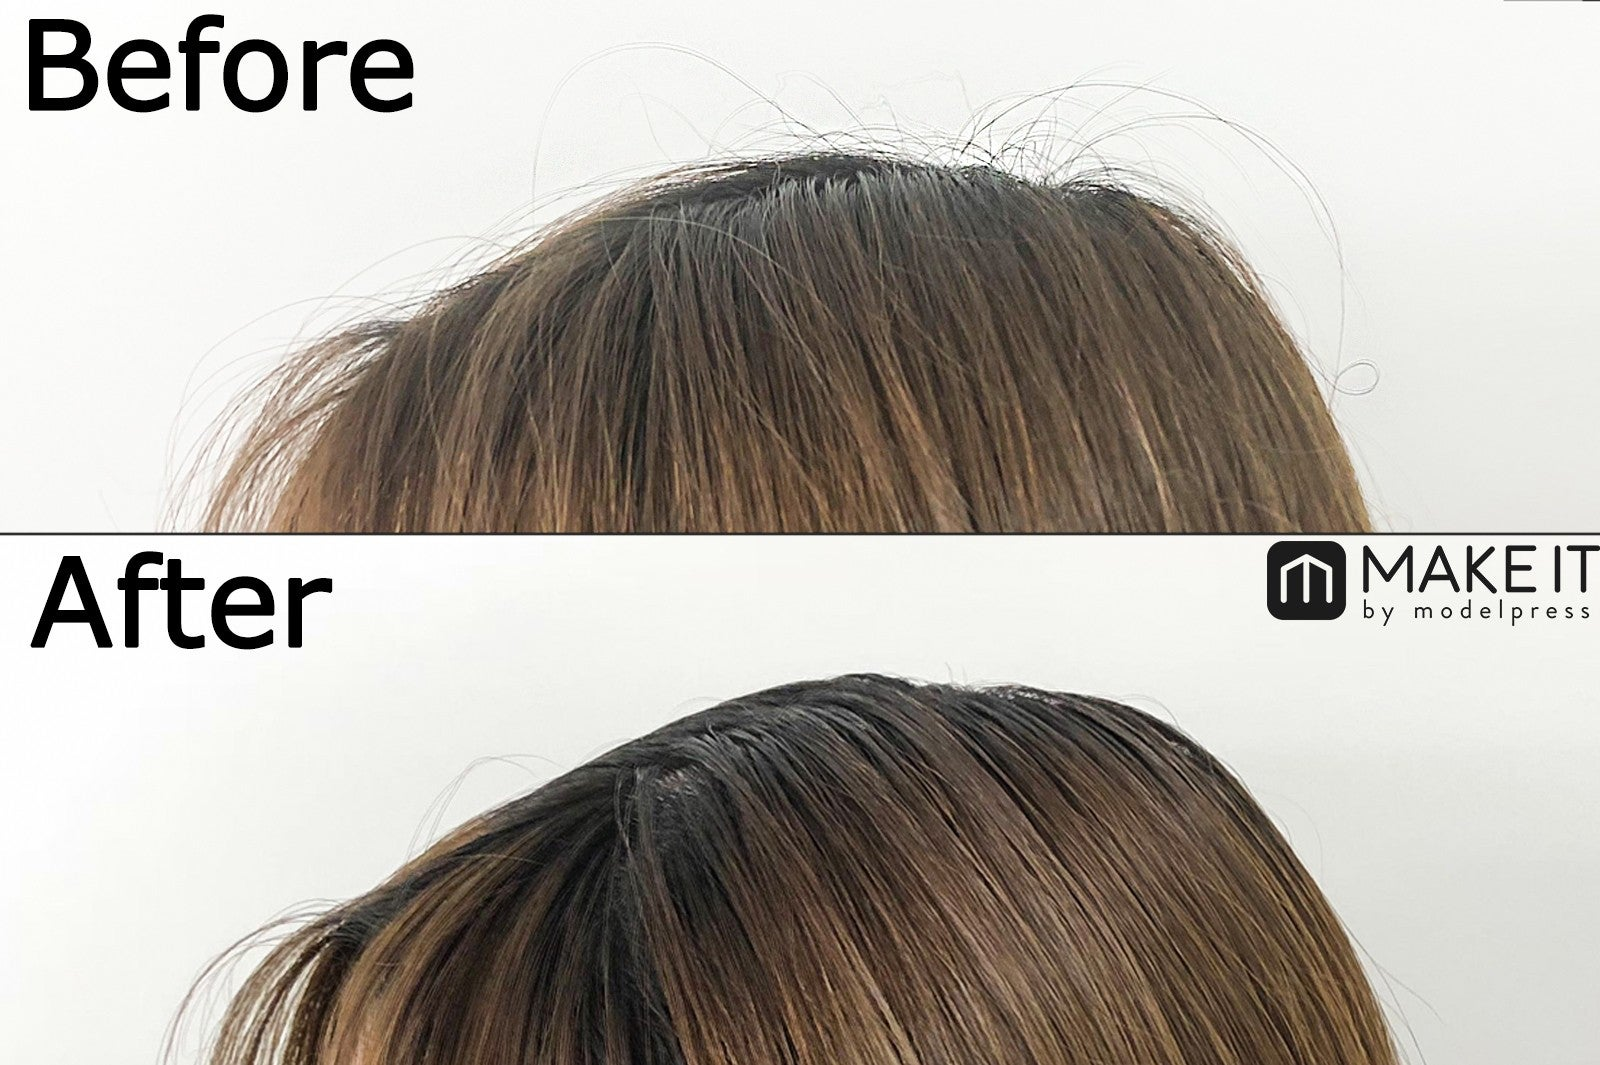 あ ほげ を 抑える あほげを抑える方法を紹介♪浮き毛をなくして完璧ヘアスタイルに♡